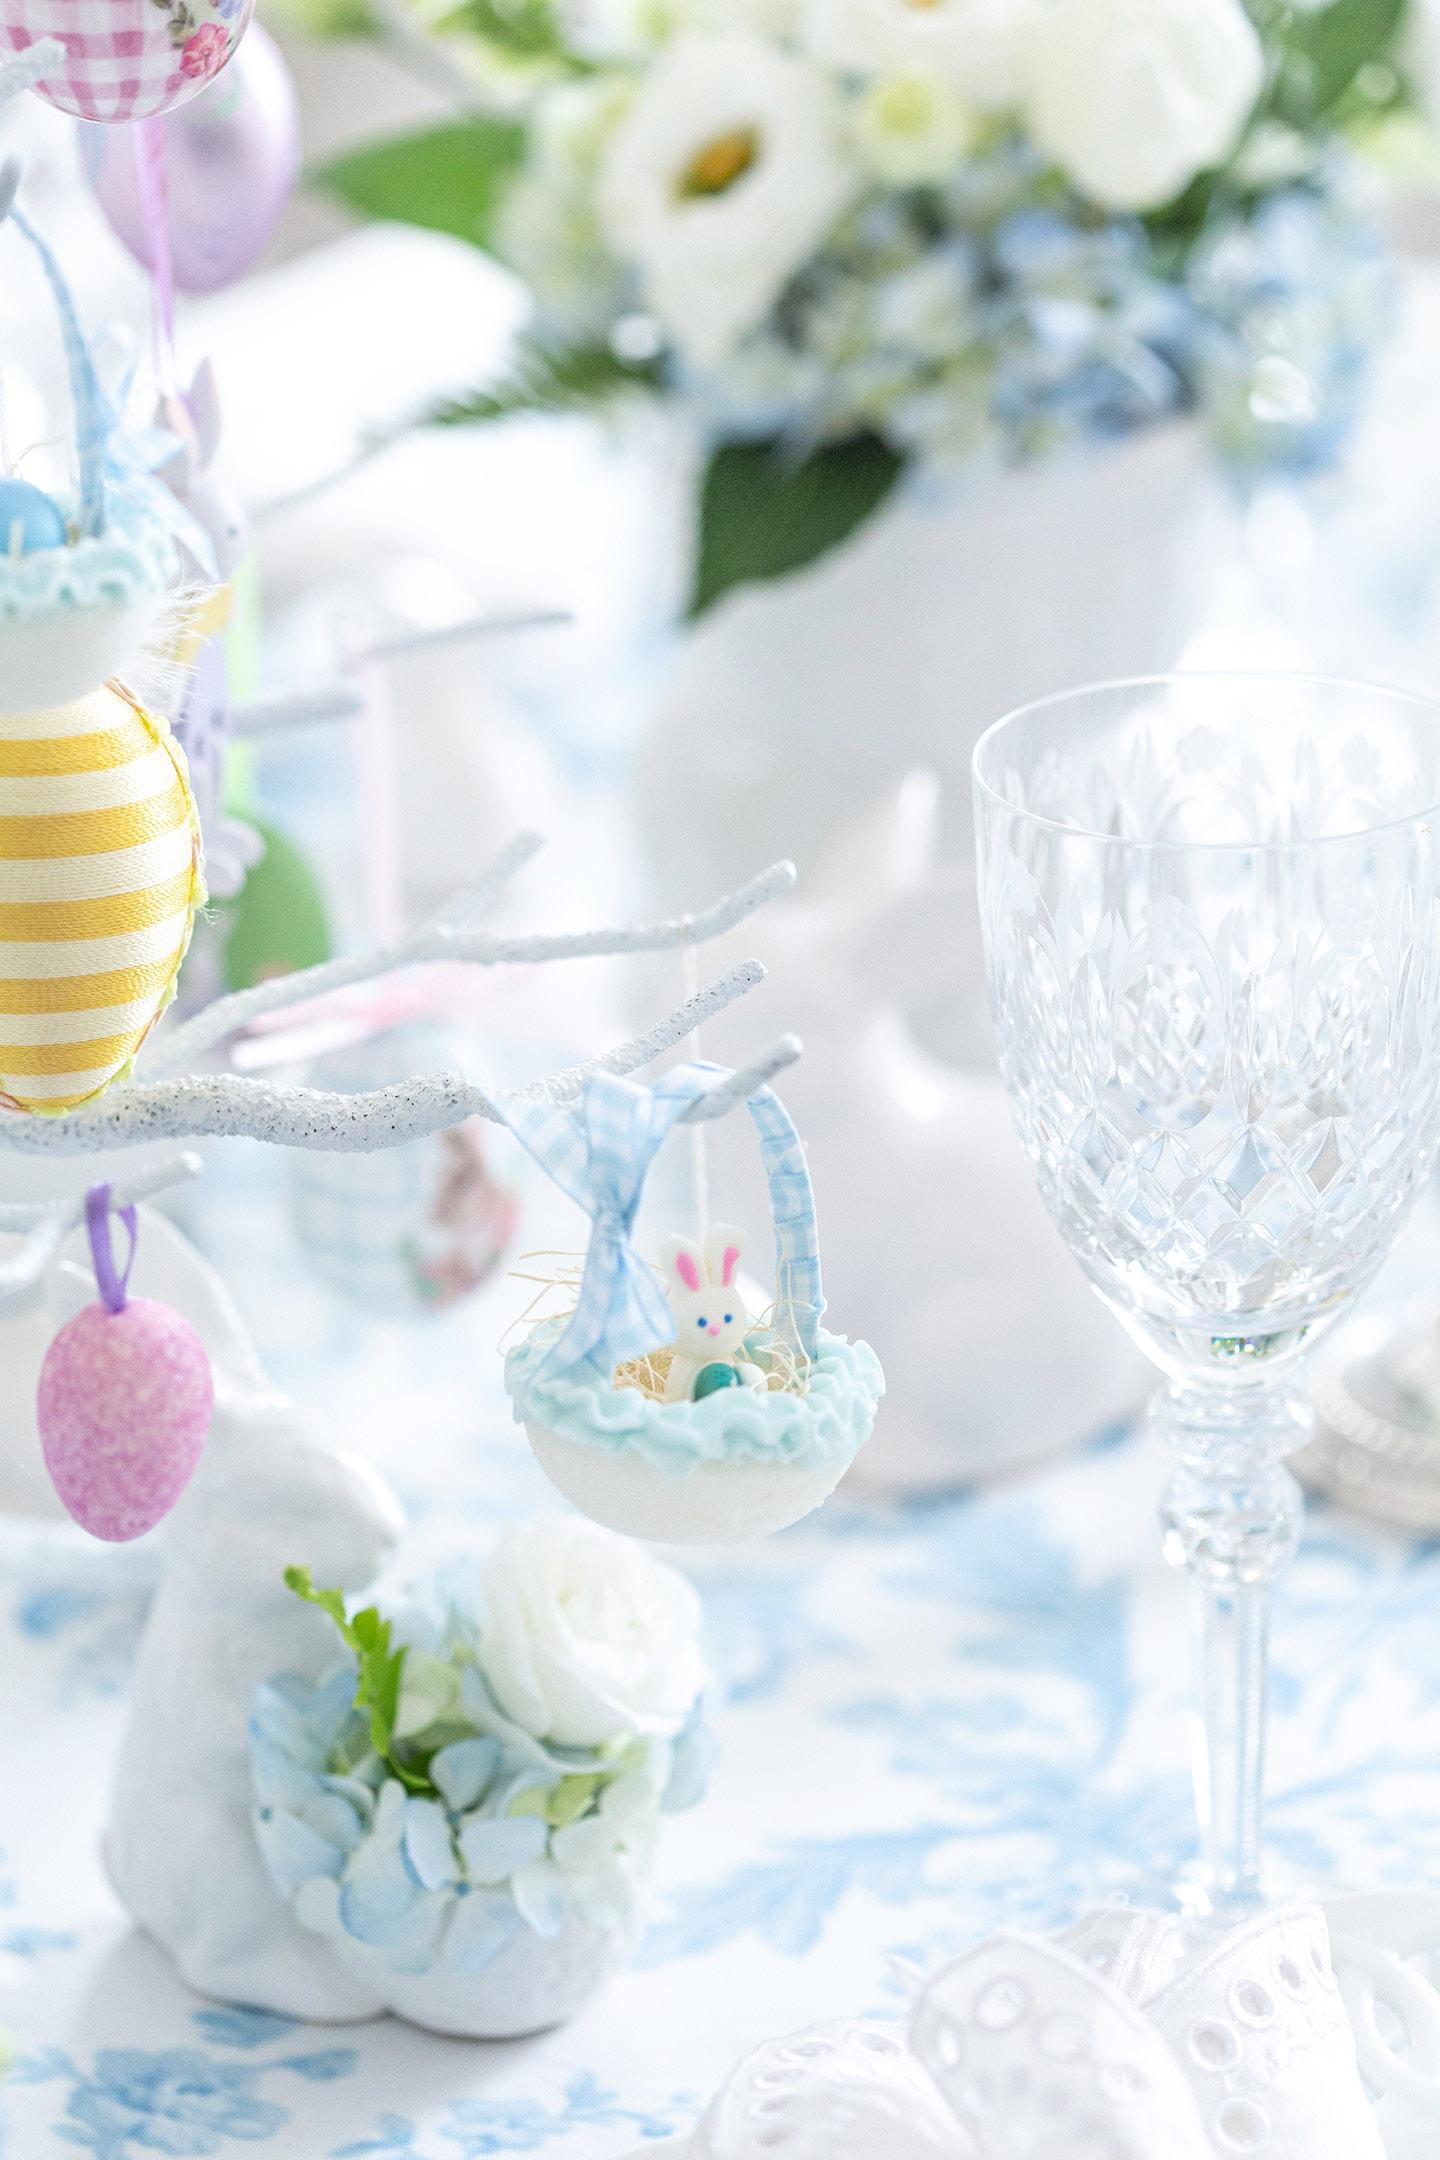 Easter sugar basket